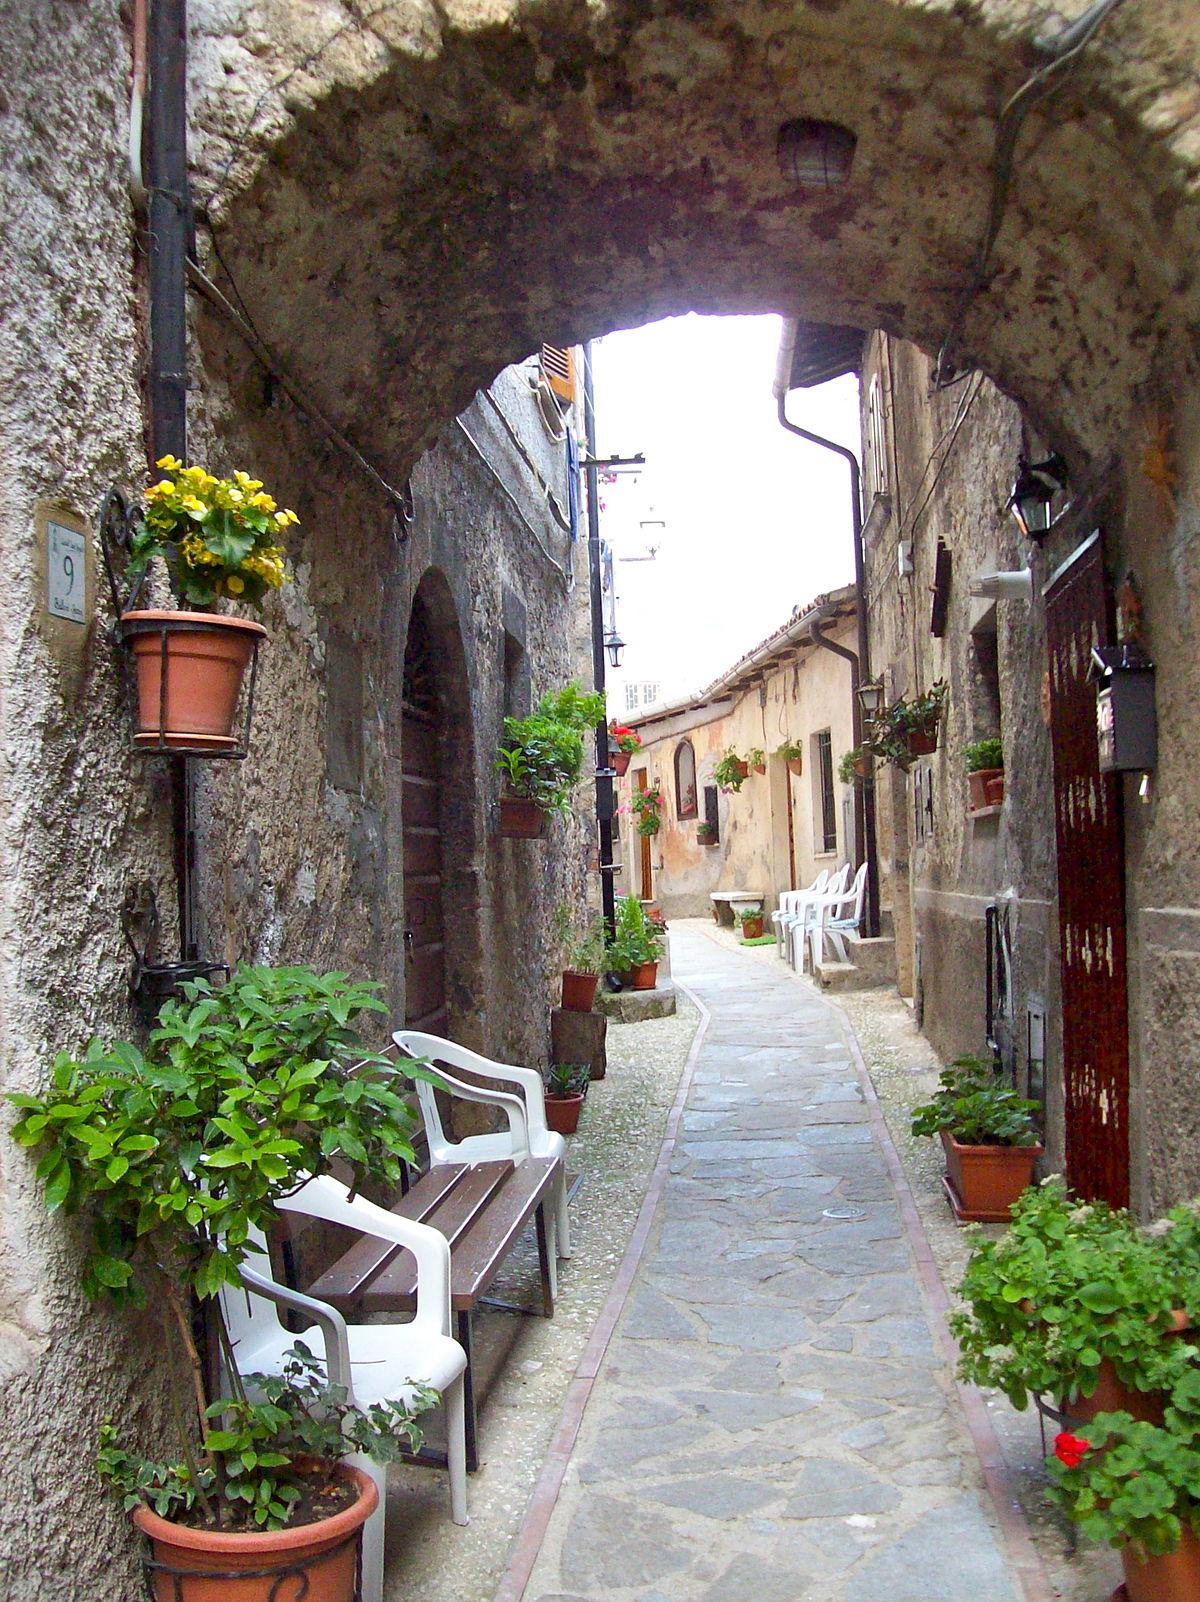 Castel SantAngelo comune  Wikipedia